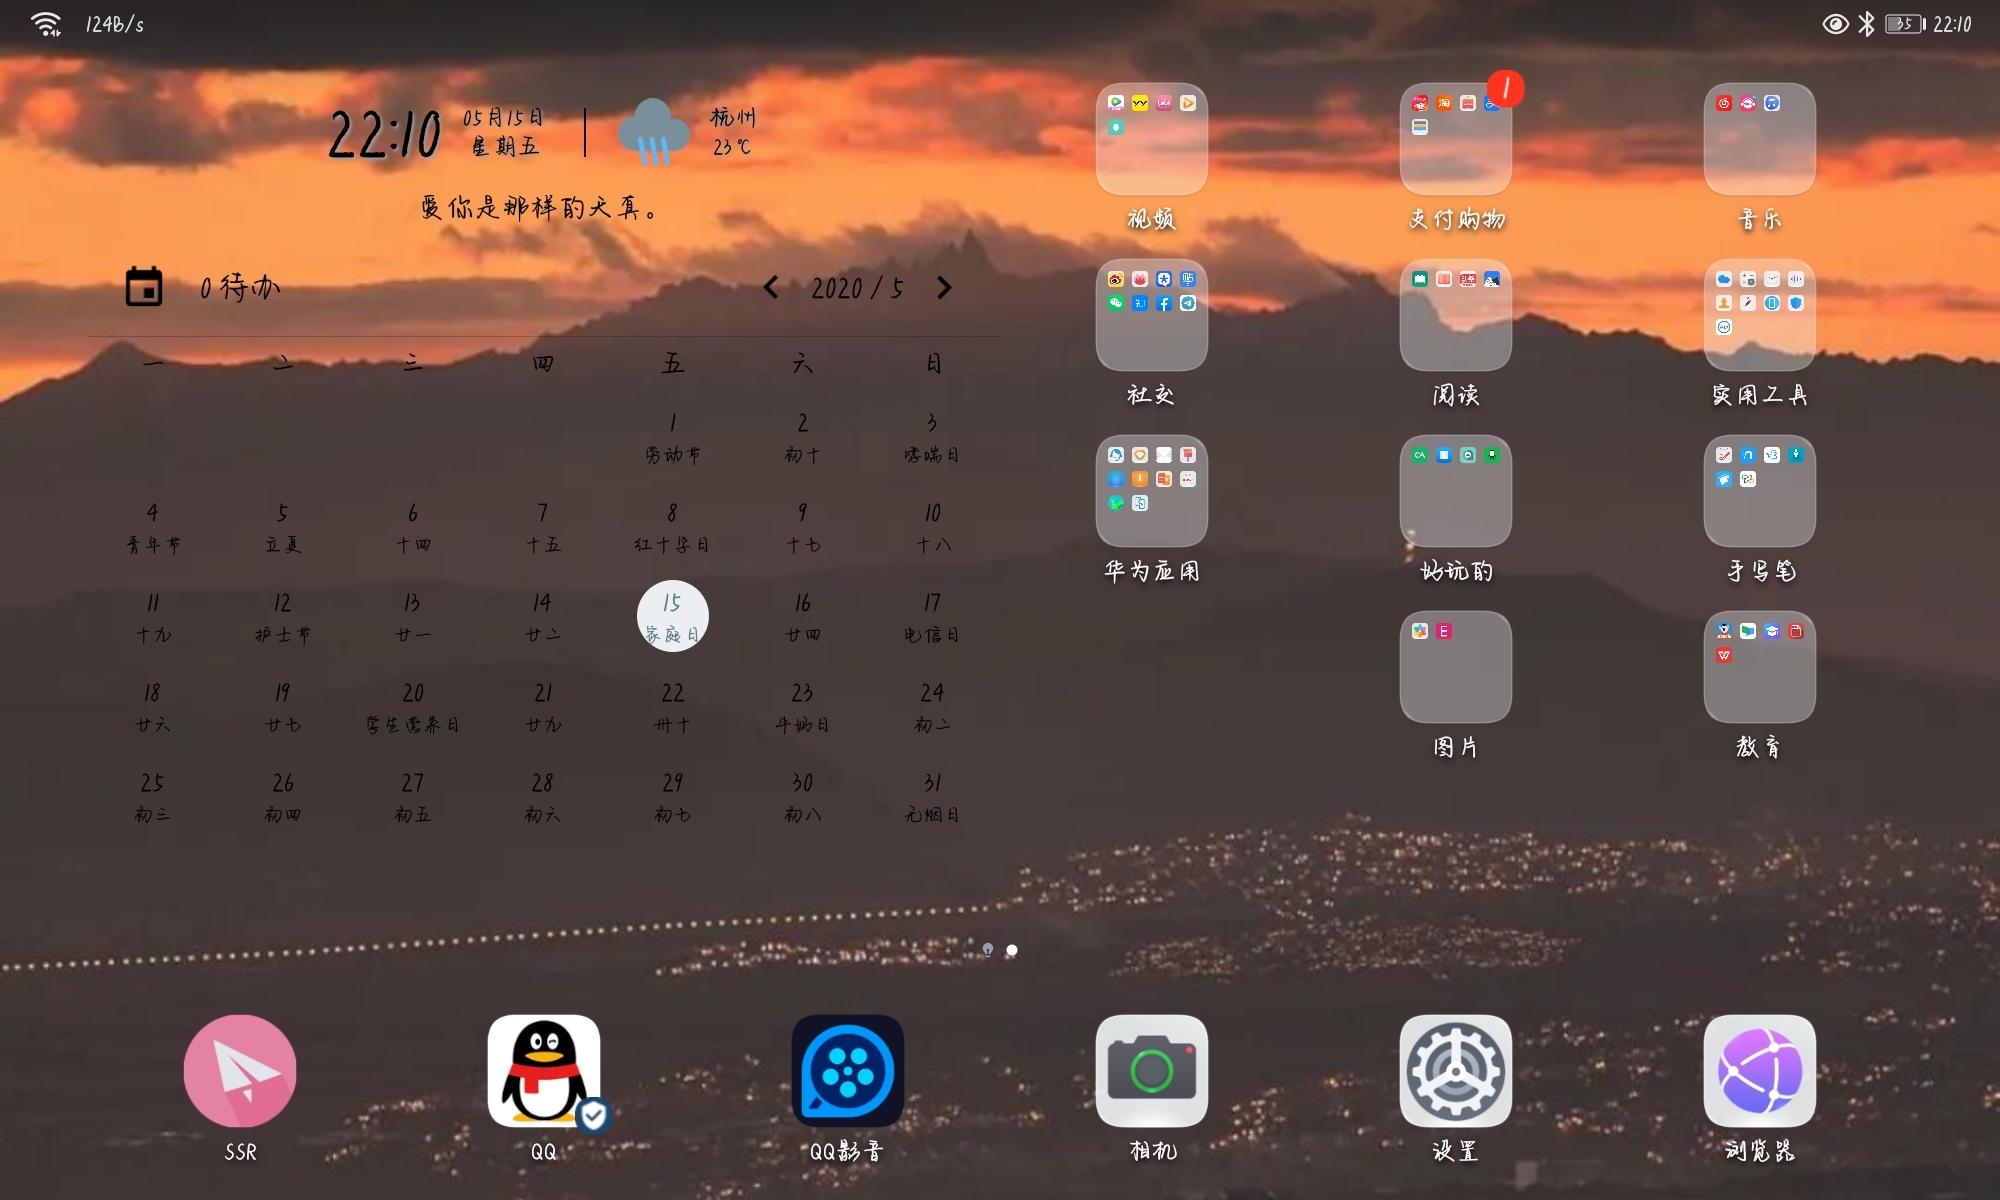 Screenshot_20200515_221011_com.huawei.android.launcher.jpg